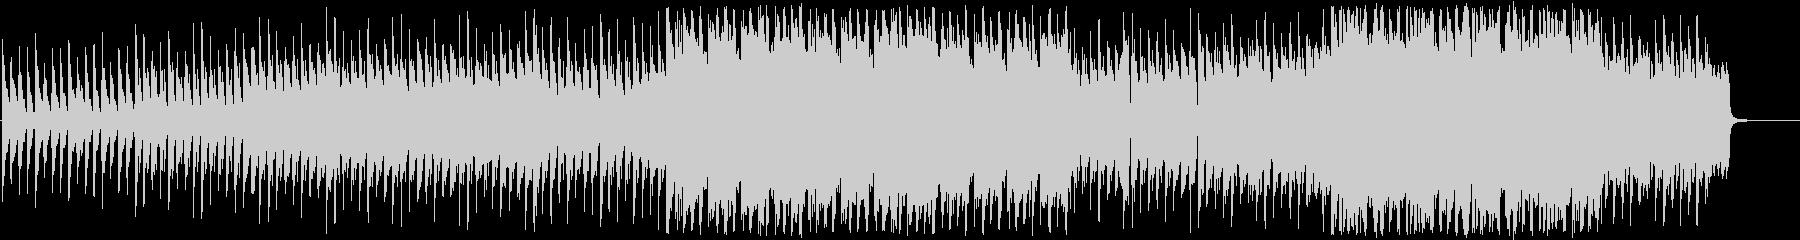 ホラー/怪しい/ハロウィンの未再生の波形